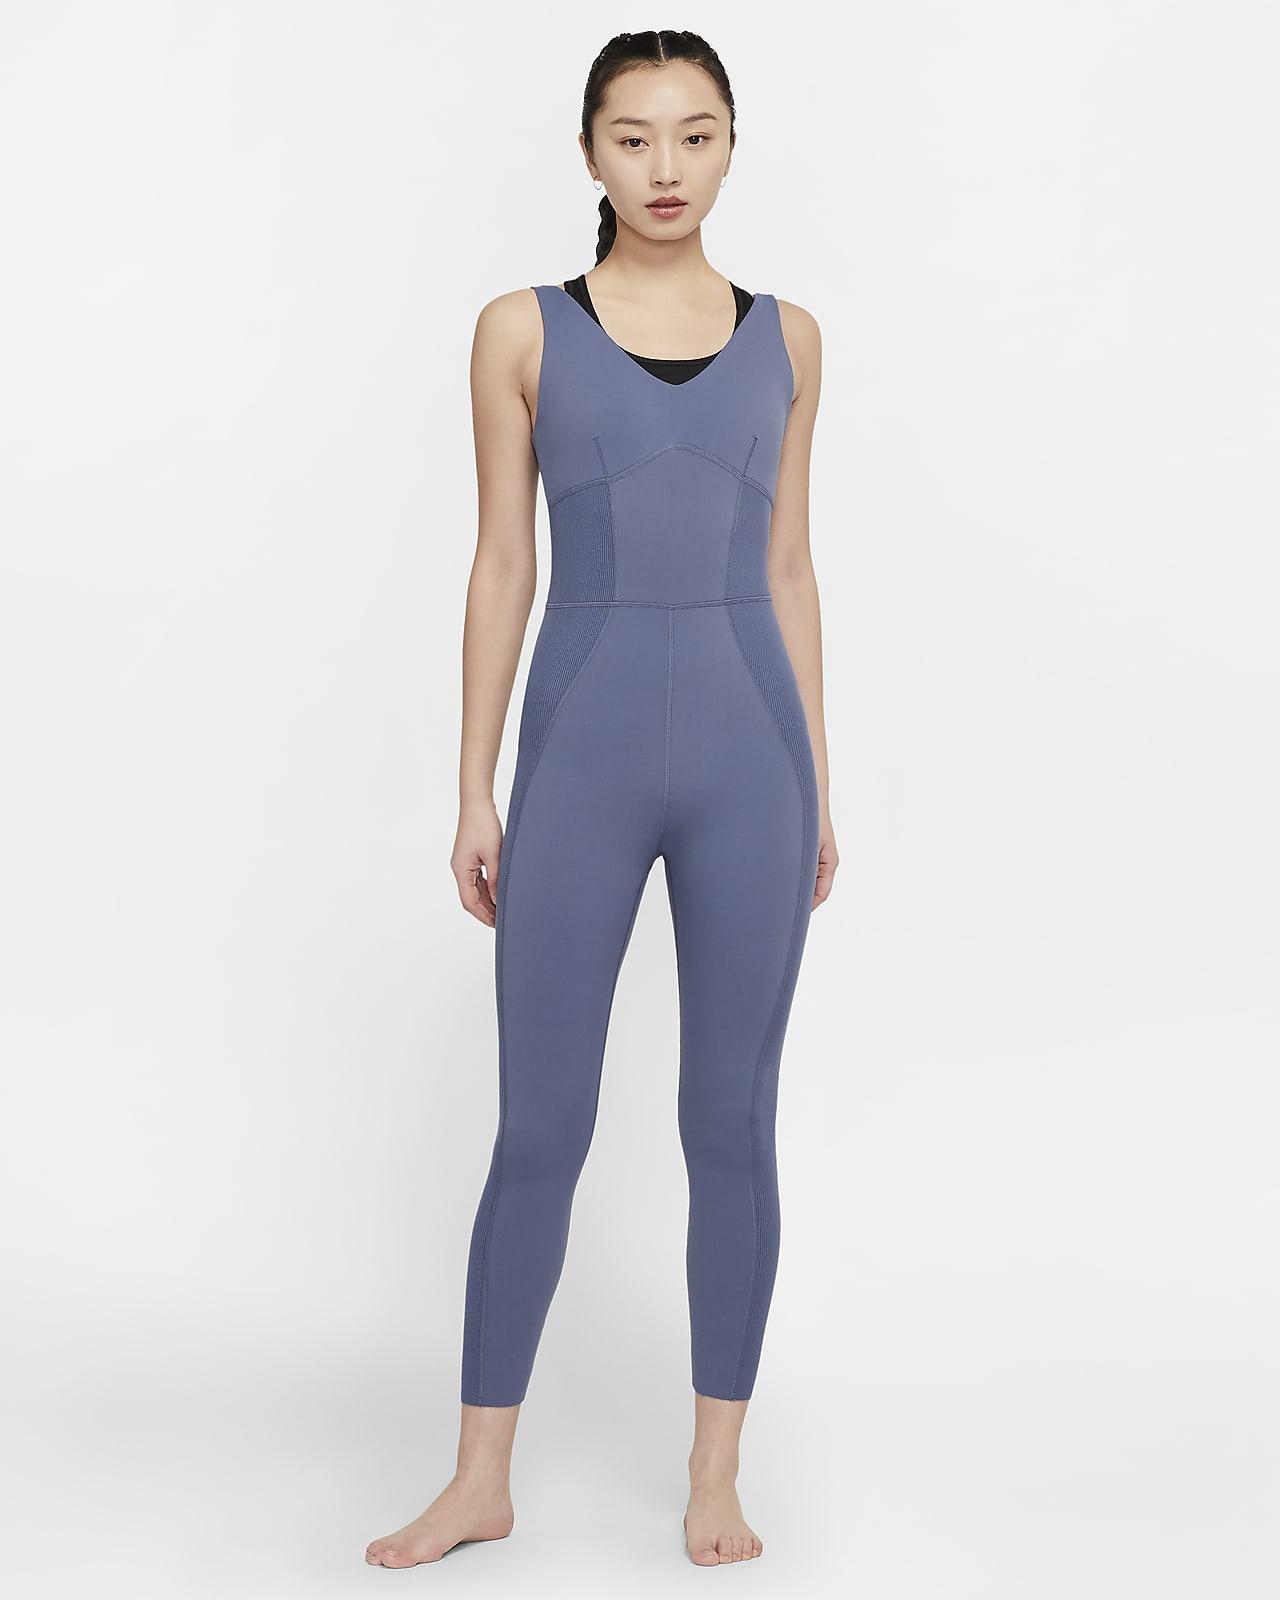 Nike Yoga Luxe Infinalon 女子连体衣